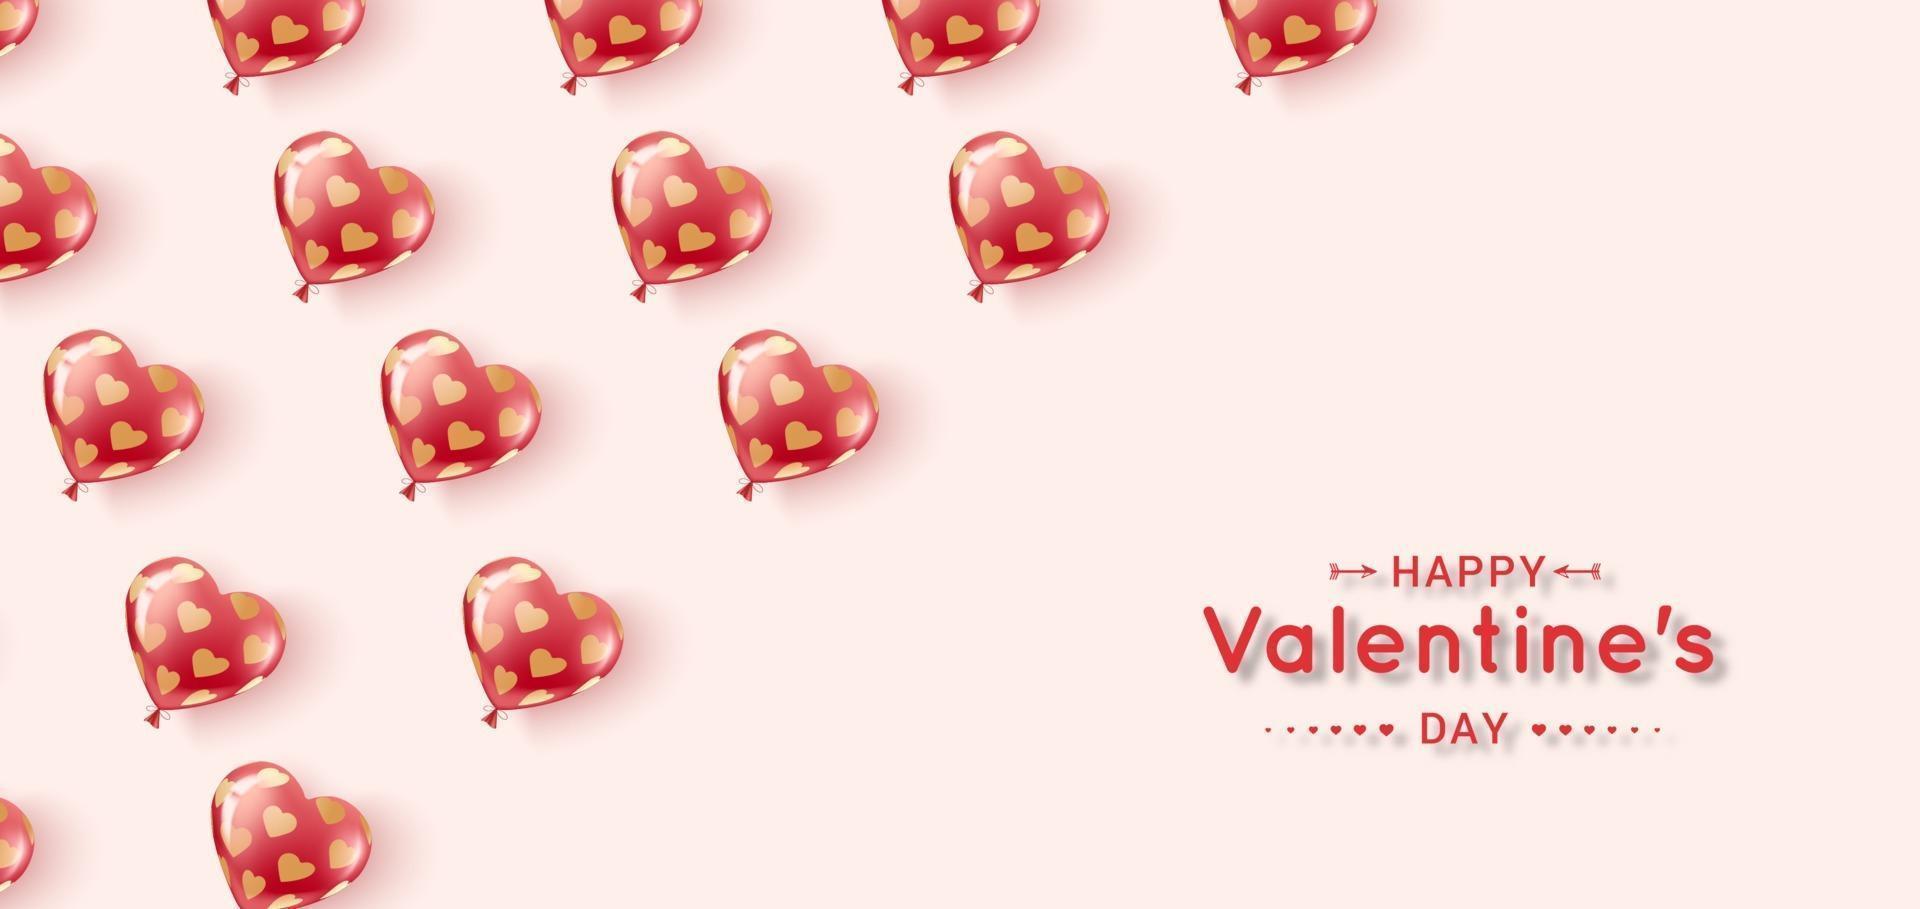 ballons de gel volant de couleurs rouges et roses avec motif de coeurs d'or. vecteur